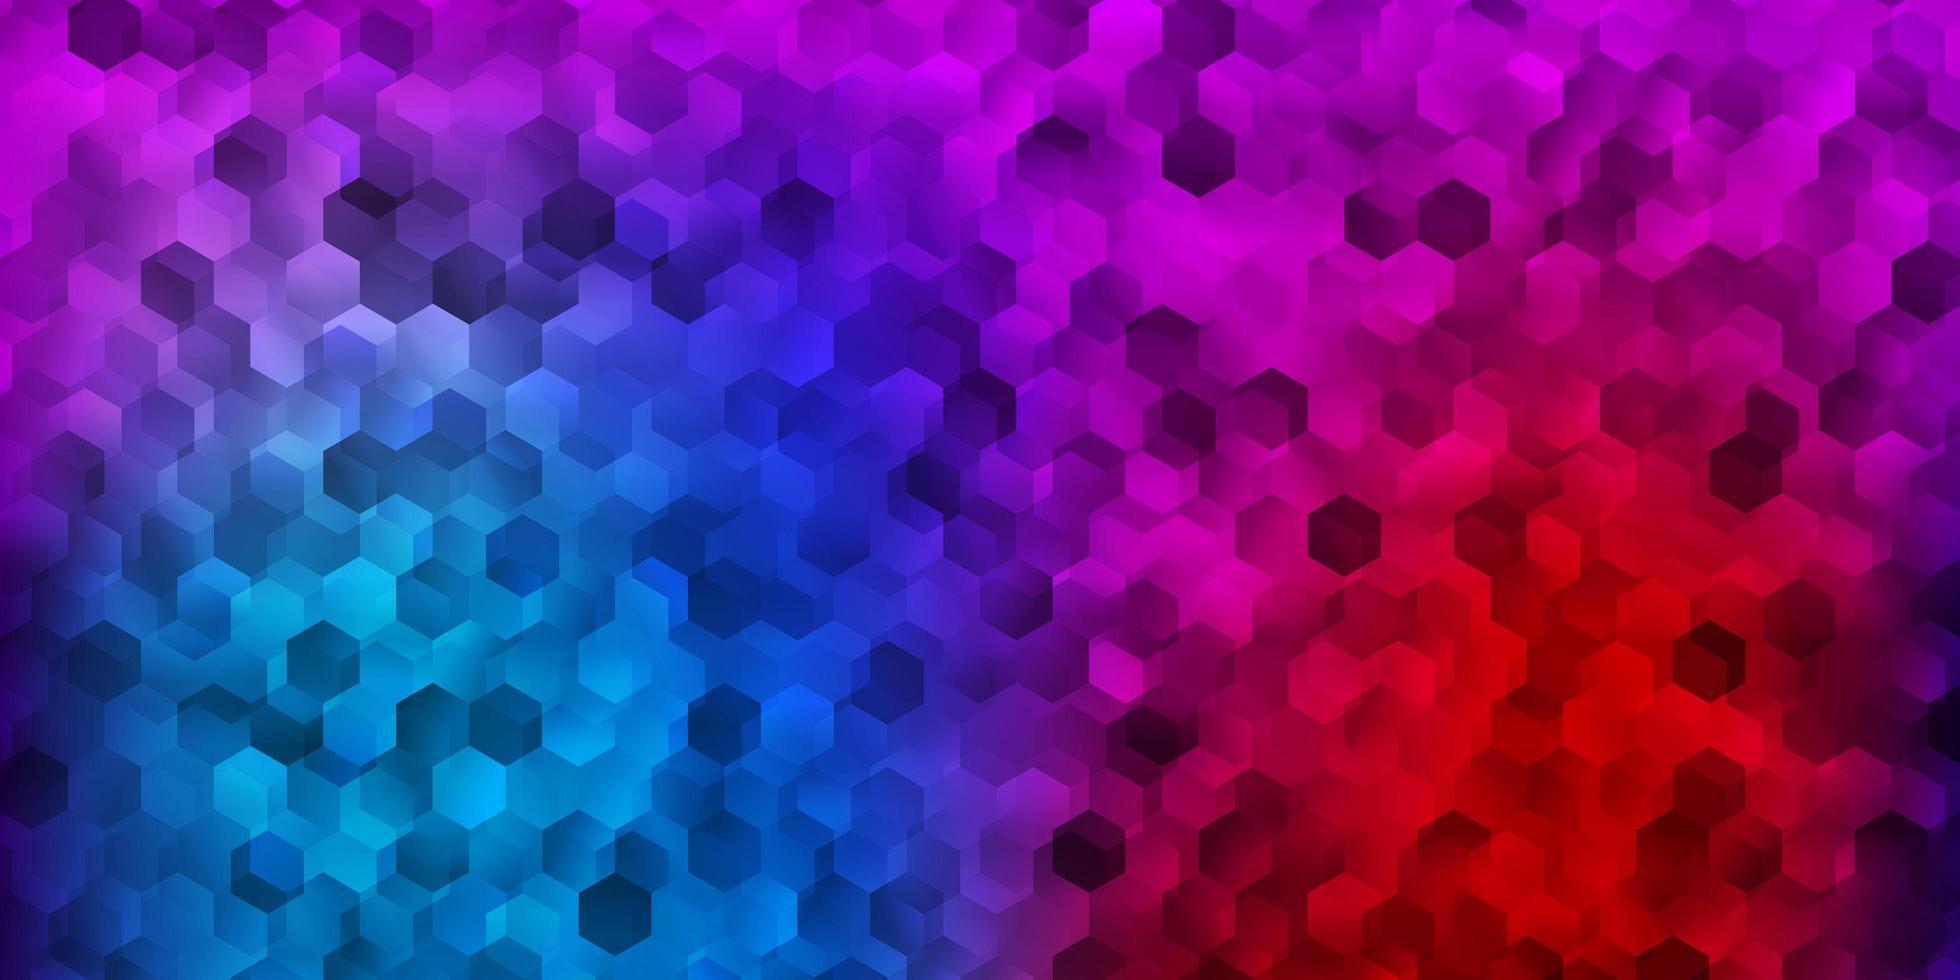 disposition de vecteur bleu clair, rouge avec des formes d'hexagones.